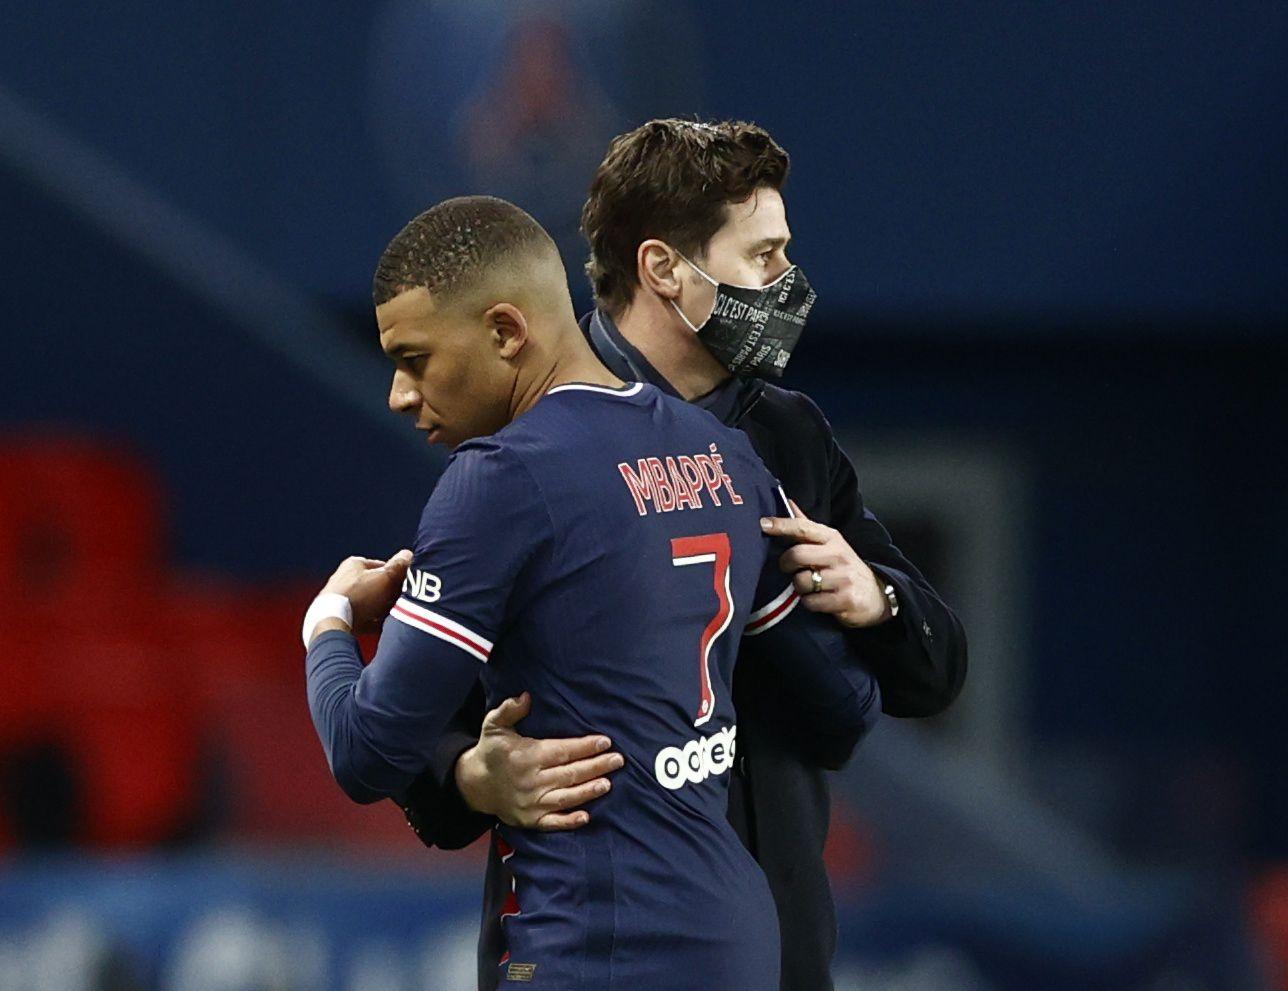 """""""Es una relación espontánea y natural. Nosotros no prejuzgamos. Siempre que llegamos a un lugar y conocemos a la gente estamos abiertos a ese intercambio"""", dijo sobre el vínculo con Neymar y Mbappé (Foto: Reuters)"""